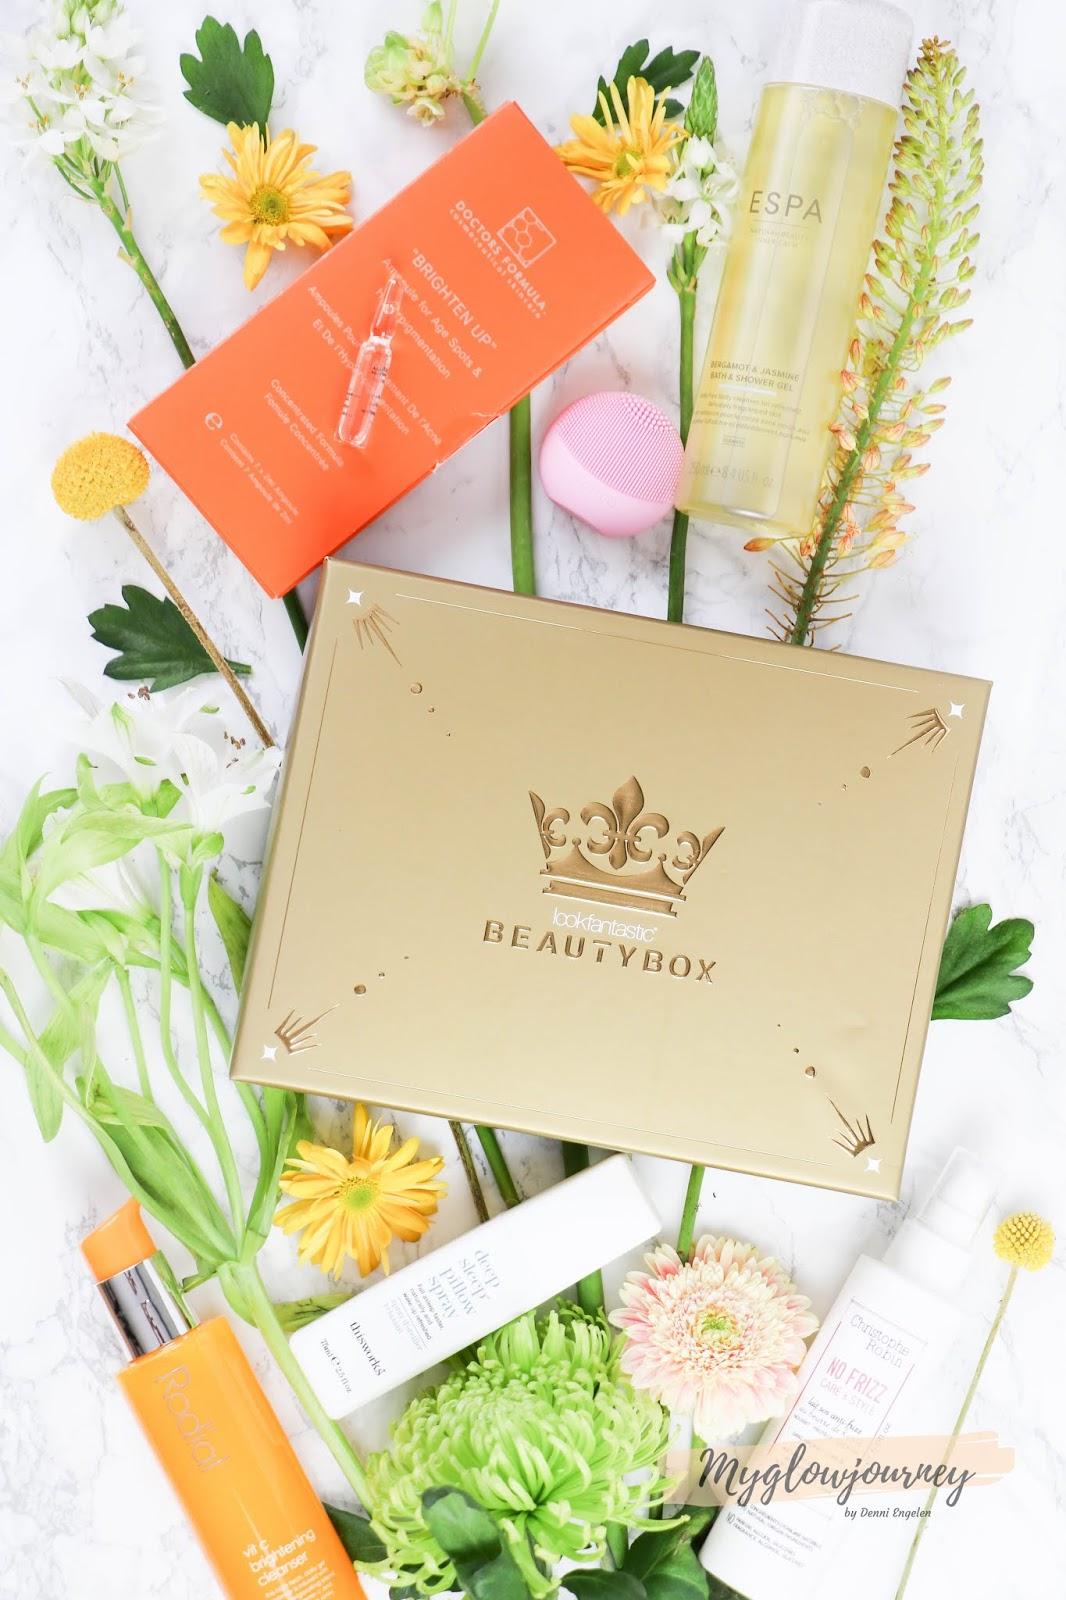 Lookfantastic The Royal Box